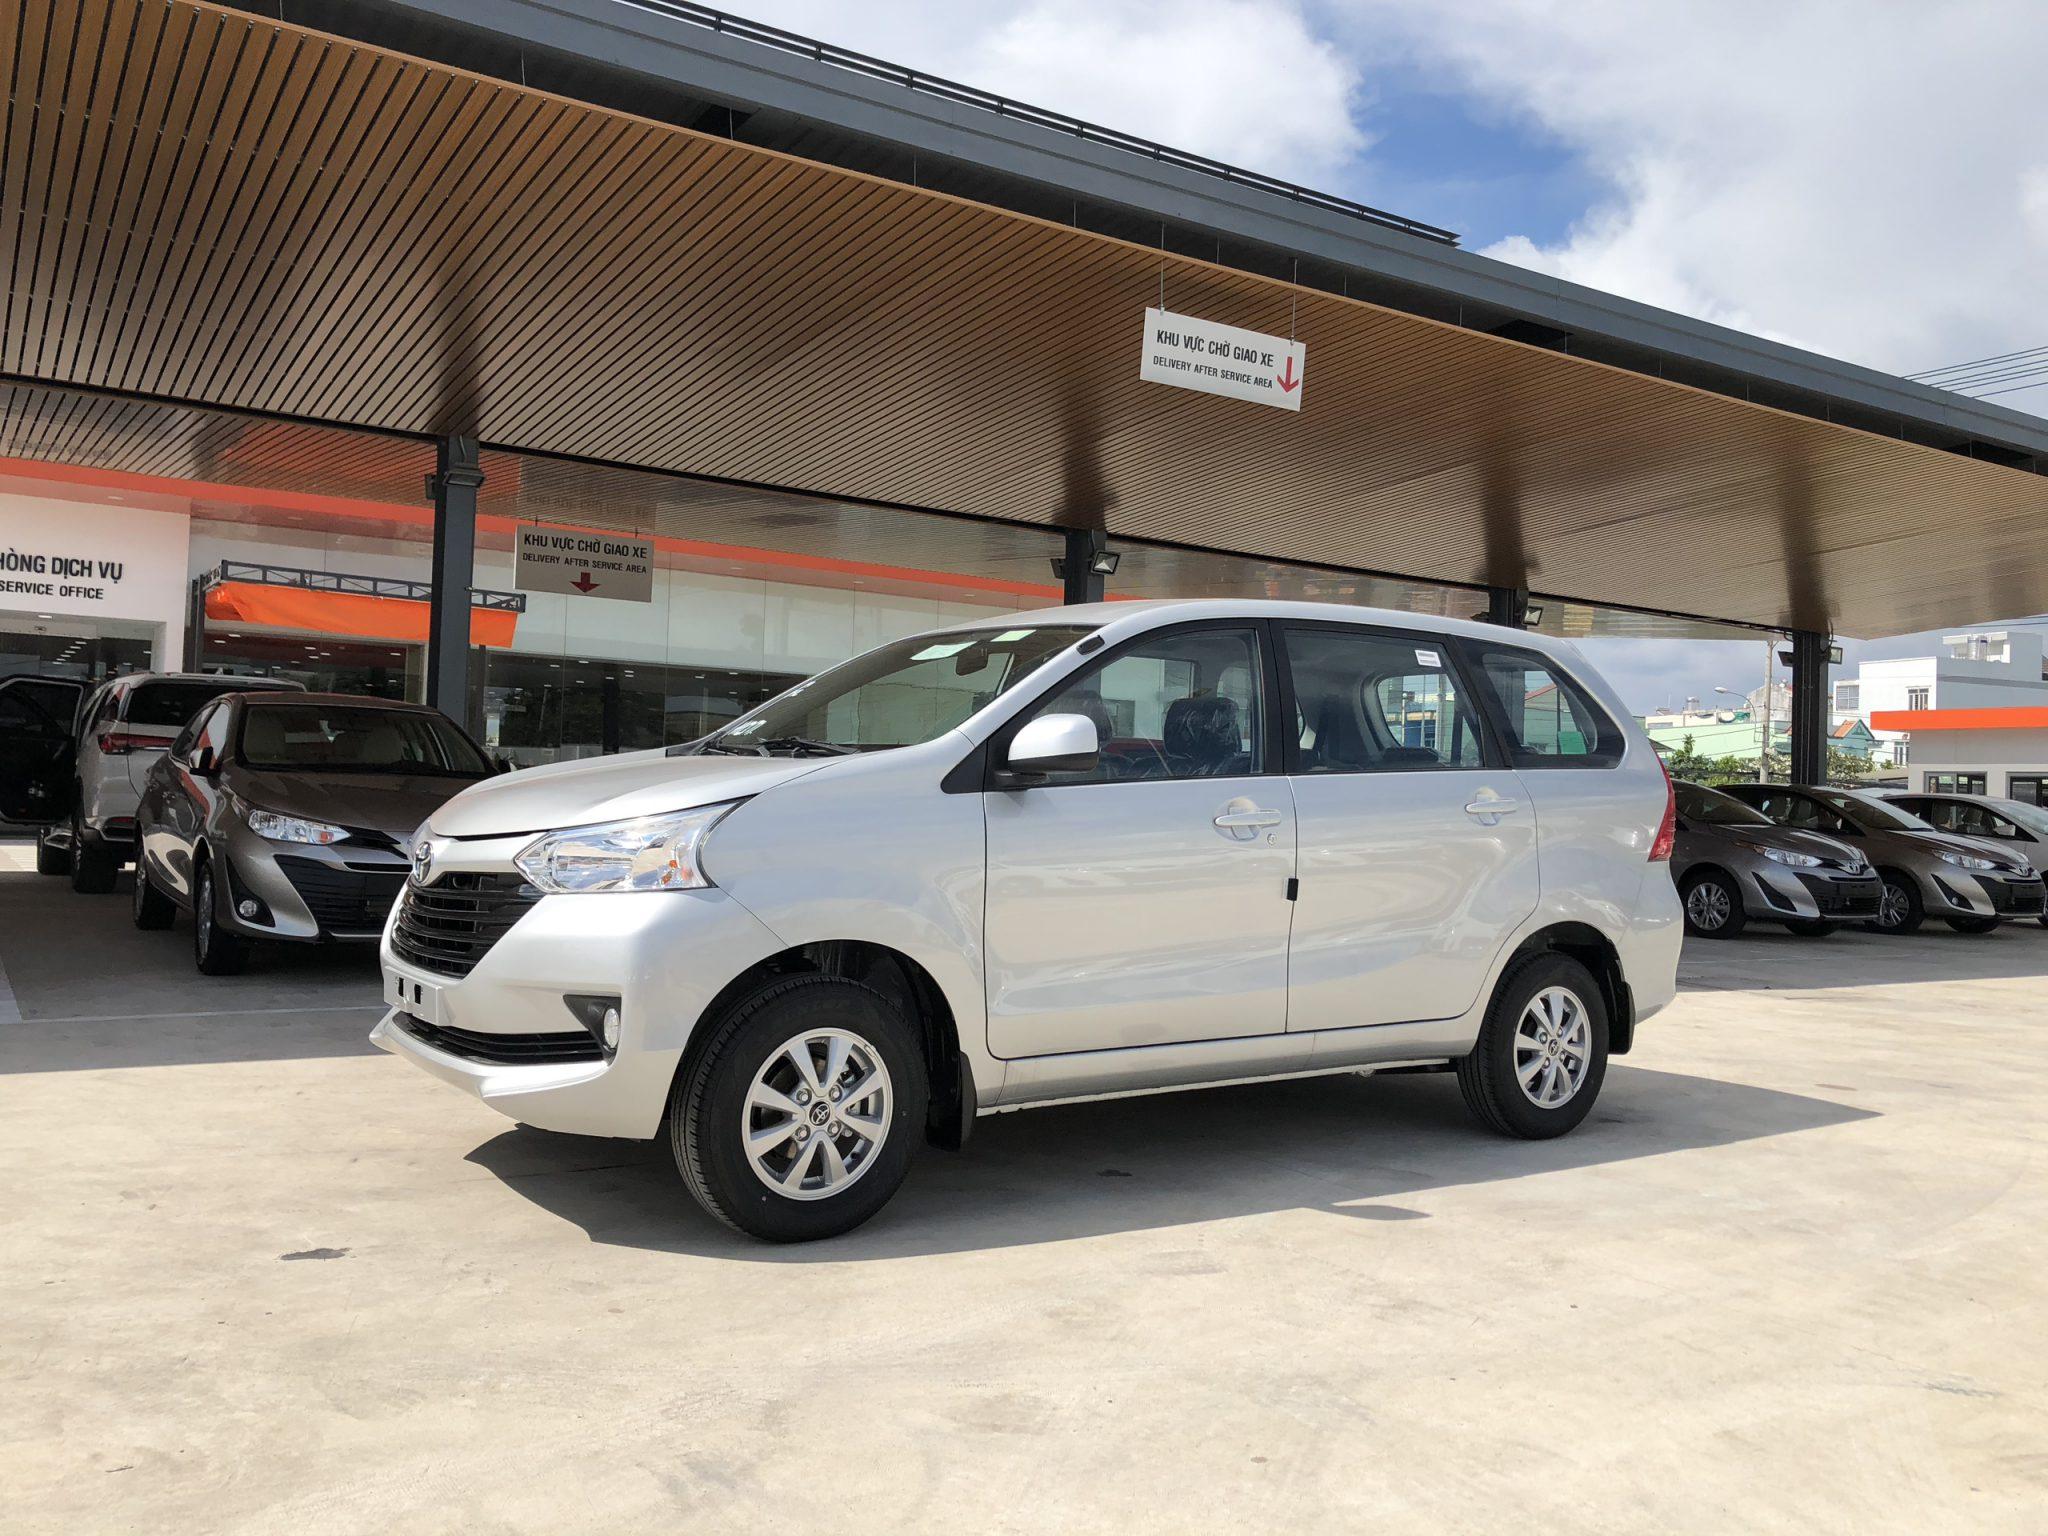 Toyota Avanza 1.3 MT ảnh 7 - Xe 7 chỗ giá rẻ nhất Việt Nam